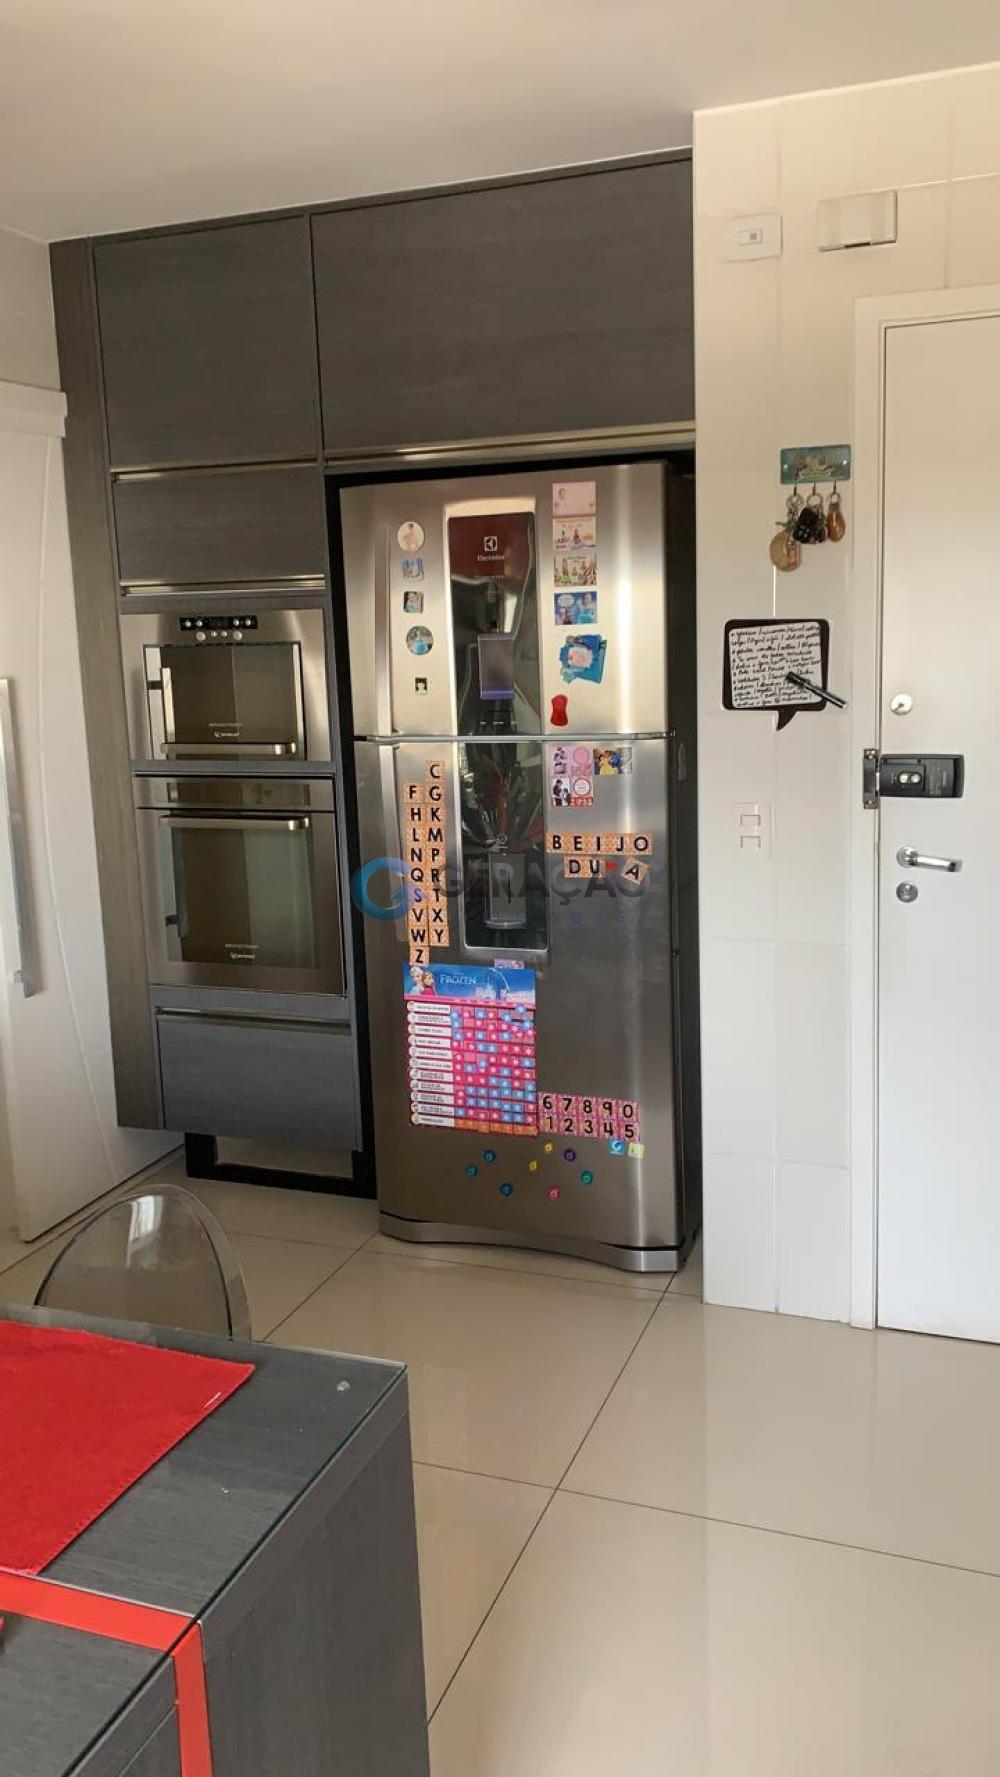 Comprar Apartamento / Padrão em São José dos Campos apenas R$ 990.000,00 - Foto 3